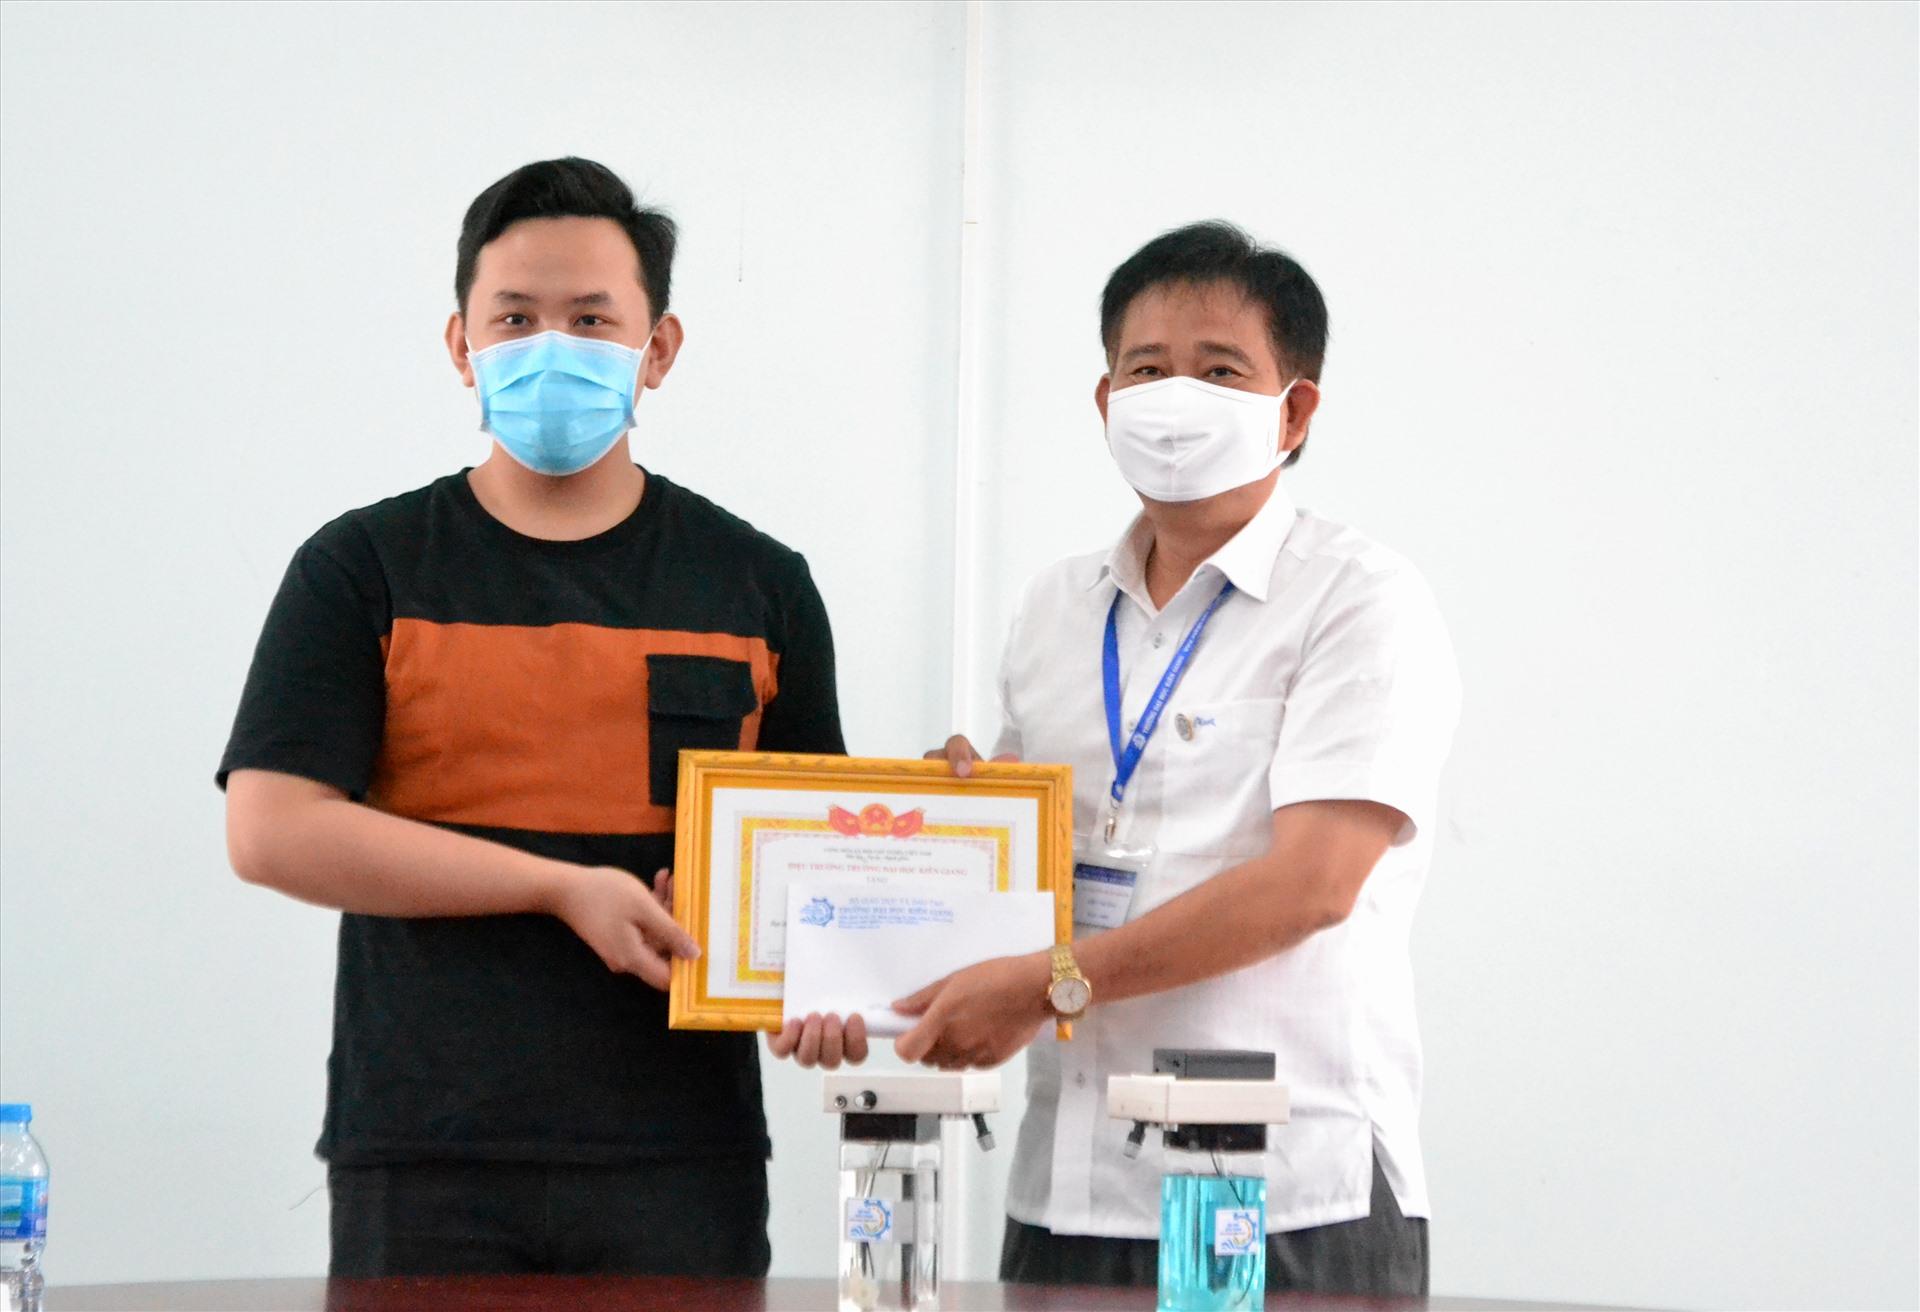 Tiến sĩ Nguyễn Tuấn Khanh (phải) khen thưởng đột xuất sinh viên Thái Minh Tín. Ảnh: LT